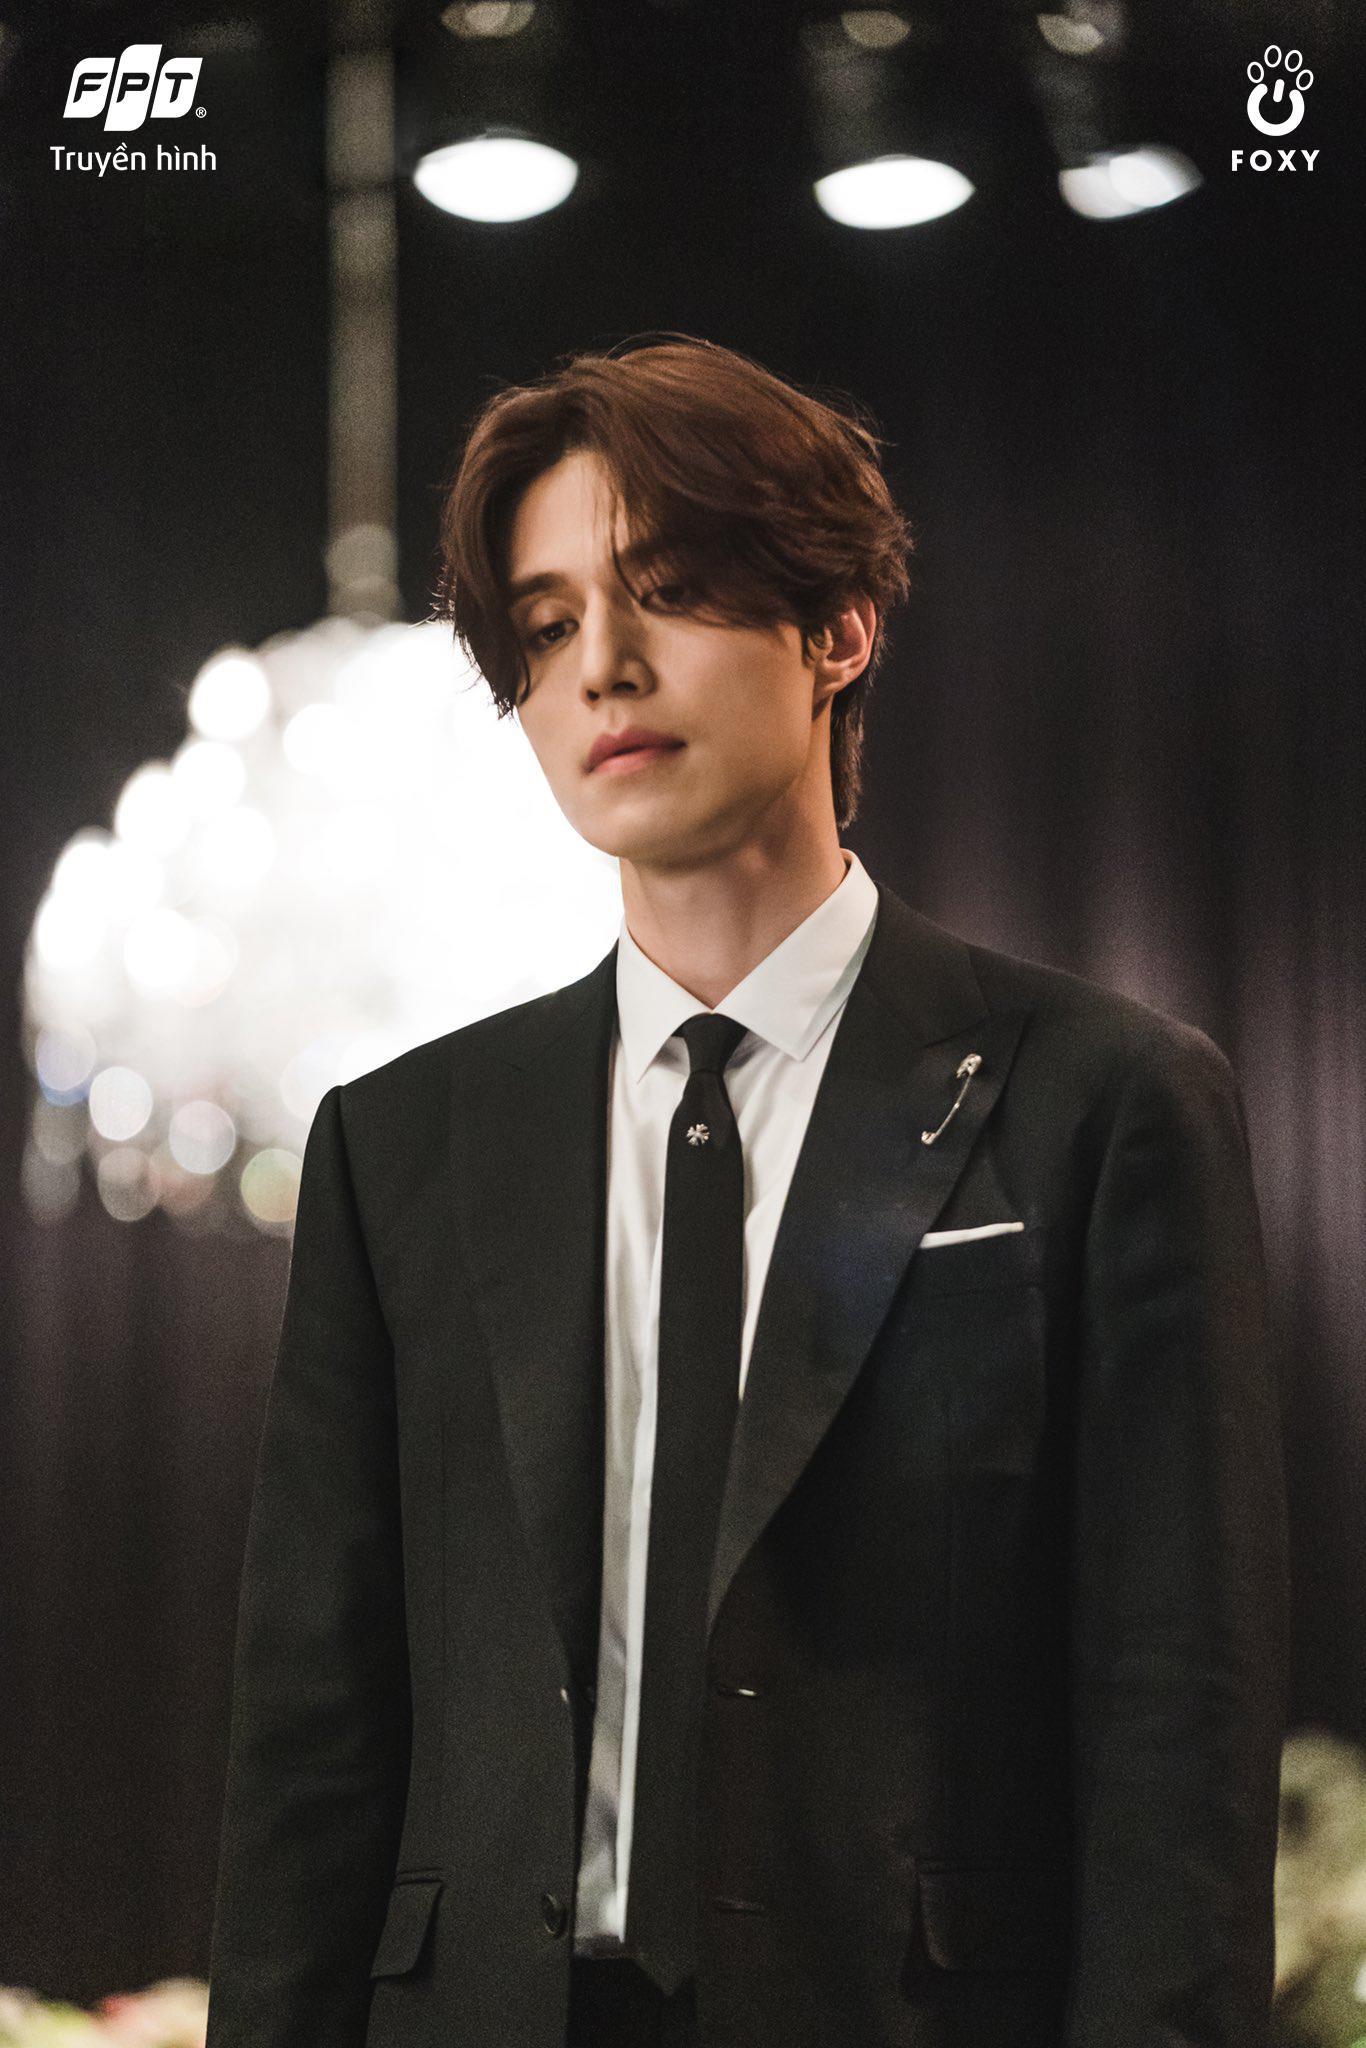 Được nhận định là bộ phim Hàn Quốc đáng xem dịp cuối năm 2020, Bạn Trai Tôi Là Hồ Ly có gì hấp dẫn? - Ảnh 6.